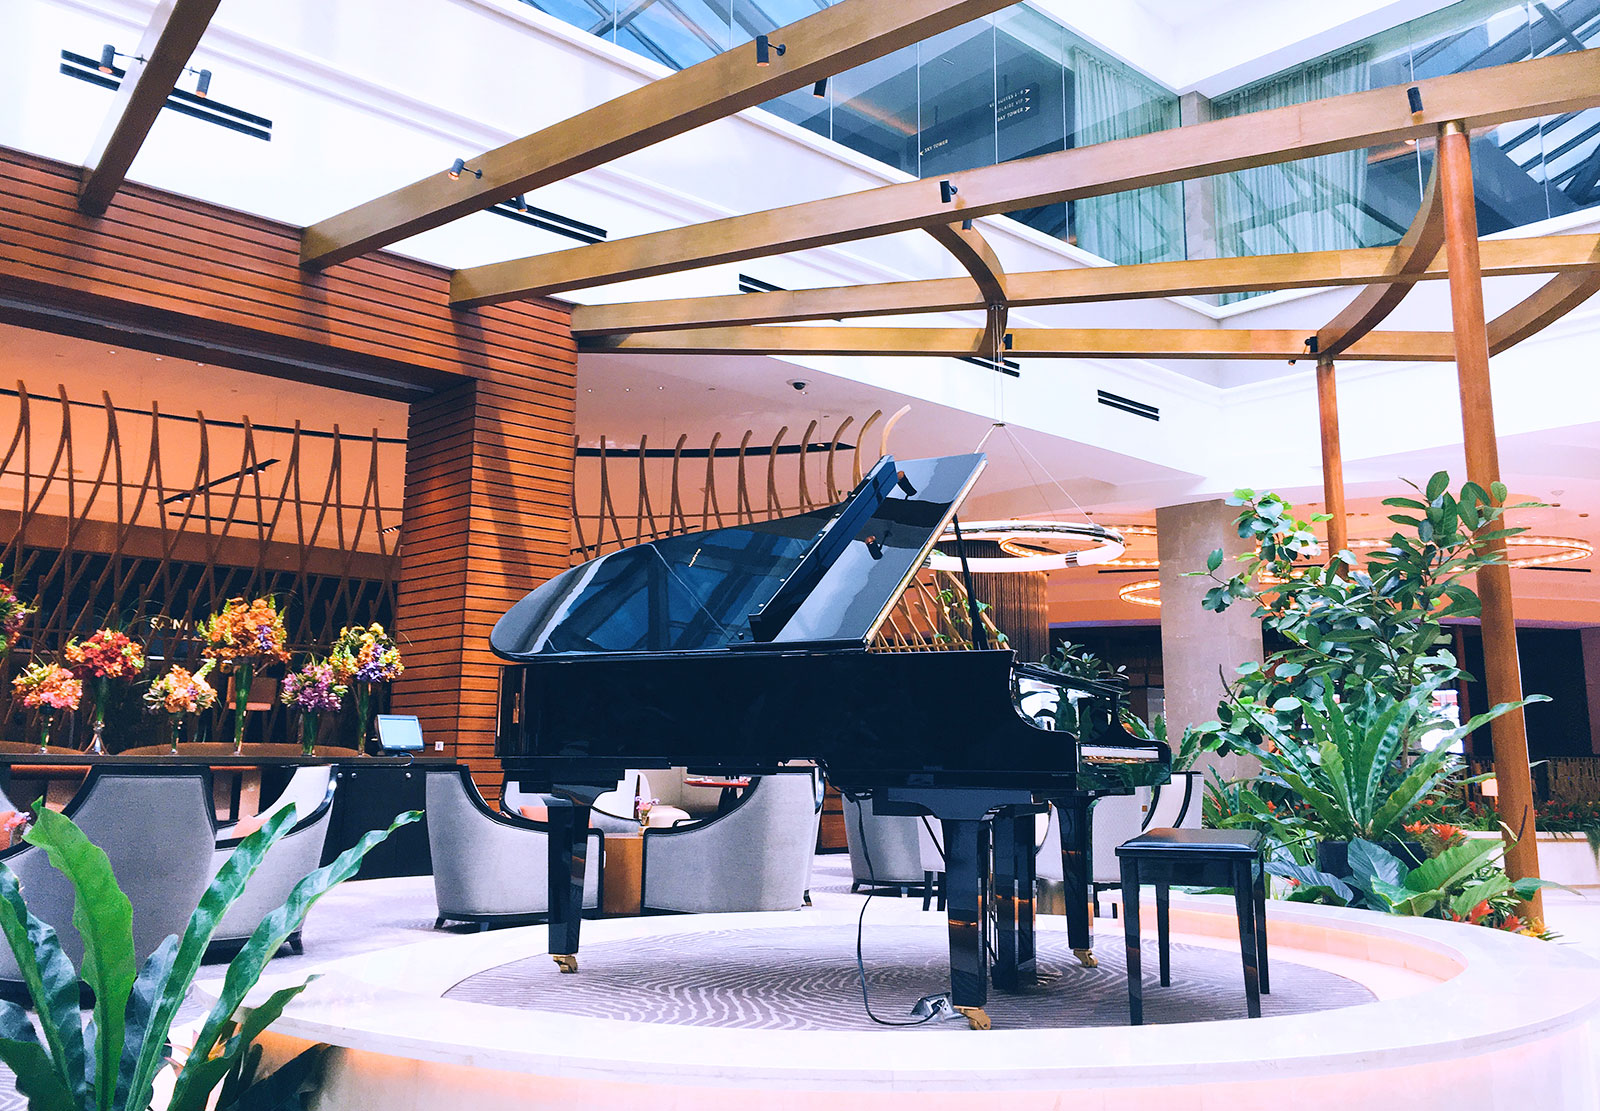 زیباترین هتل های گل دنیا